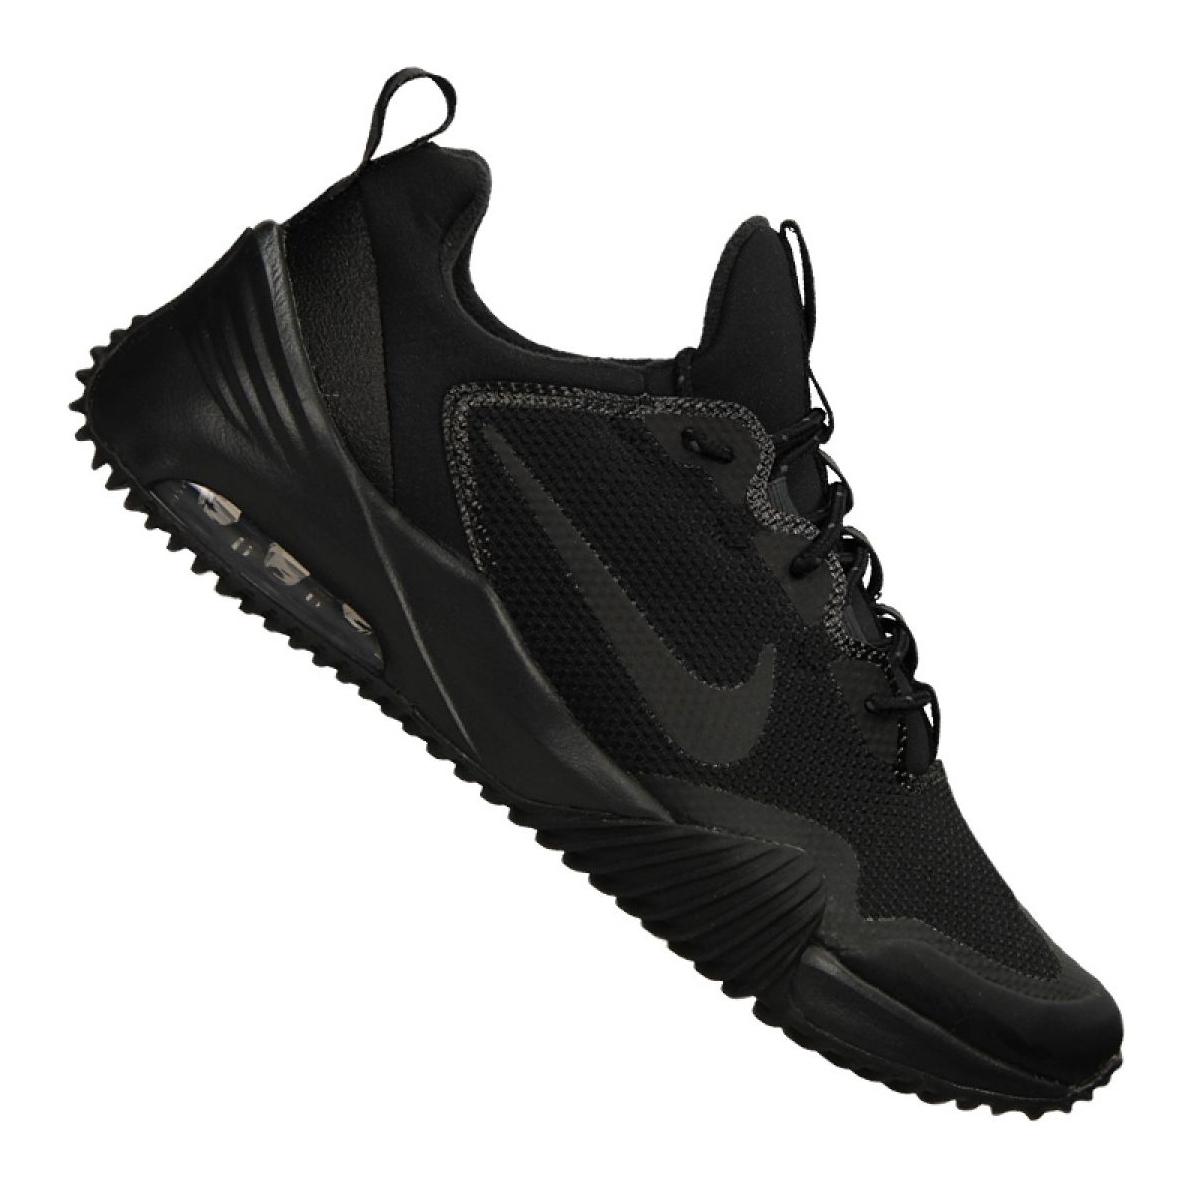 Sapatilhas Nike Air Max Grigora M 916767 001 preto